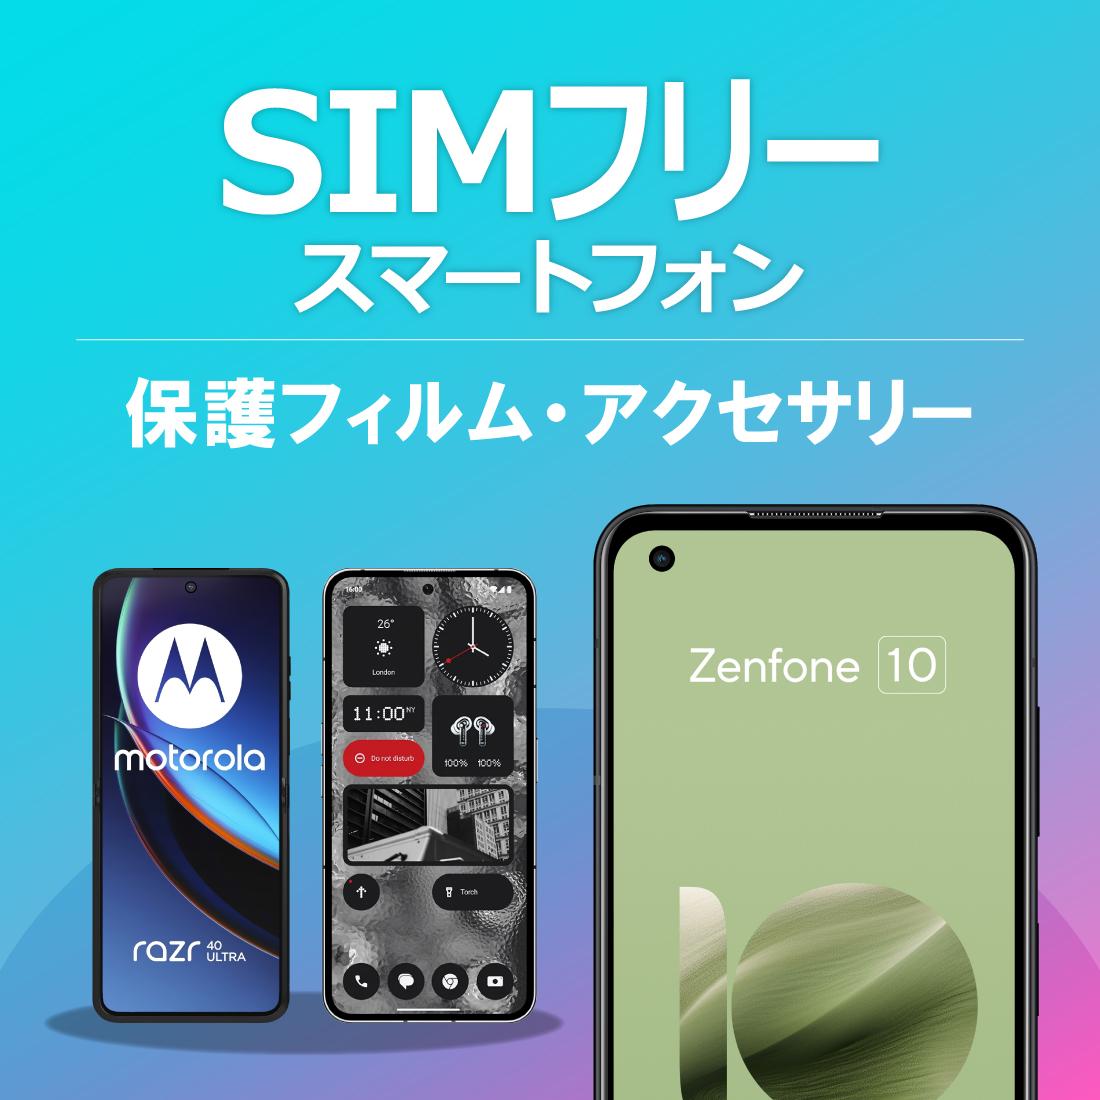 SIMフリースマートフォン・その他キャリアスマートフォン